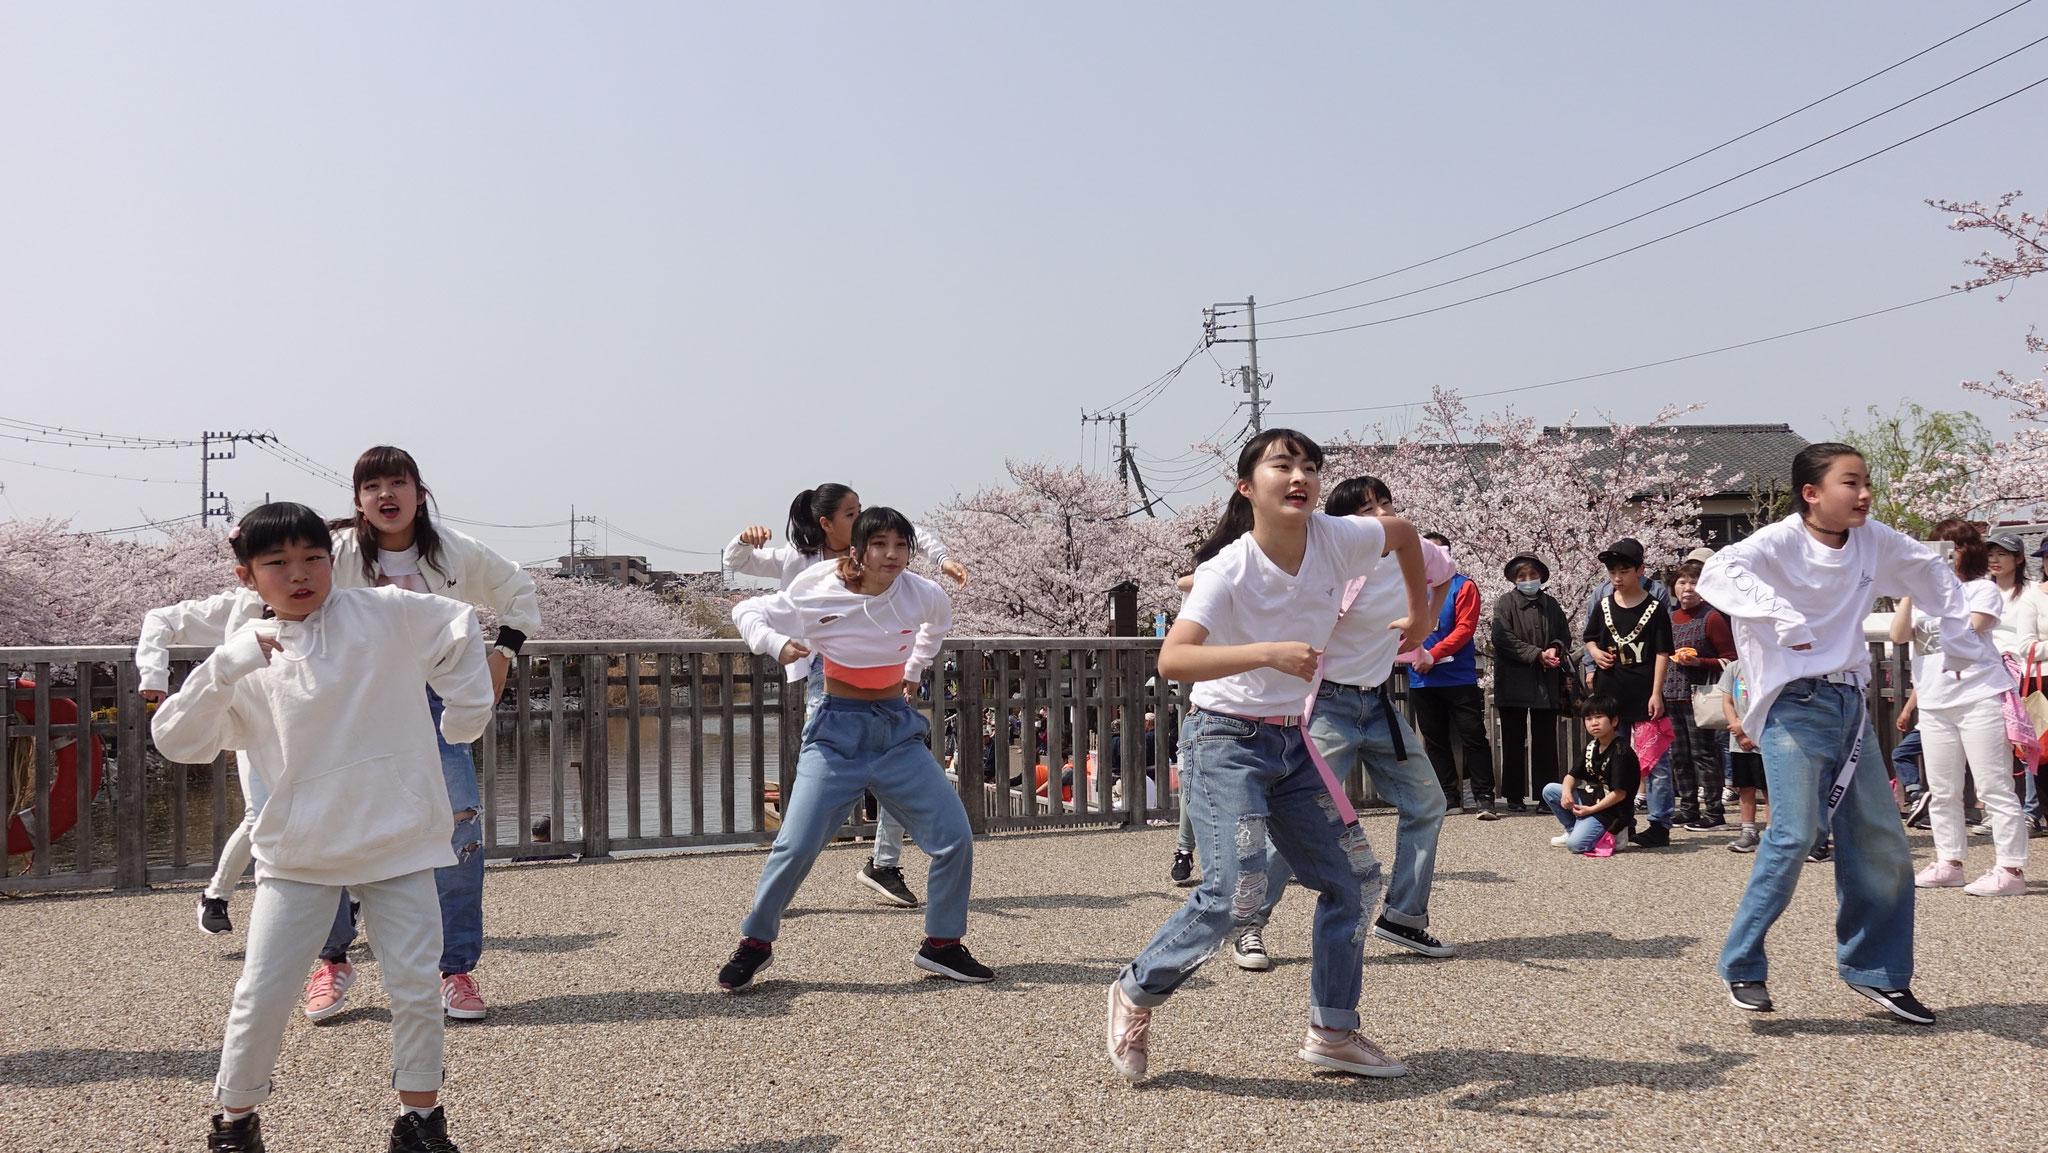 桜を意識した作品☆衣装もぞれぞれよく考えられてました!